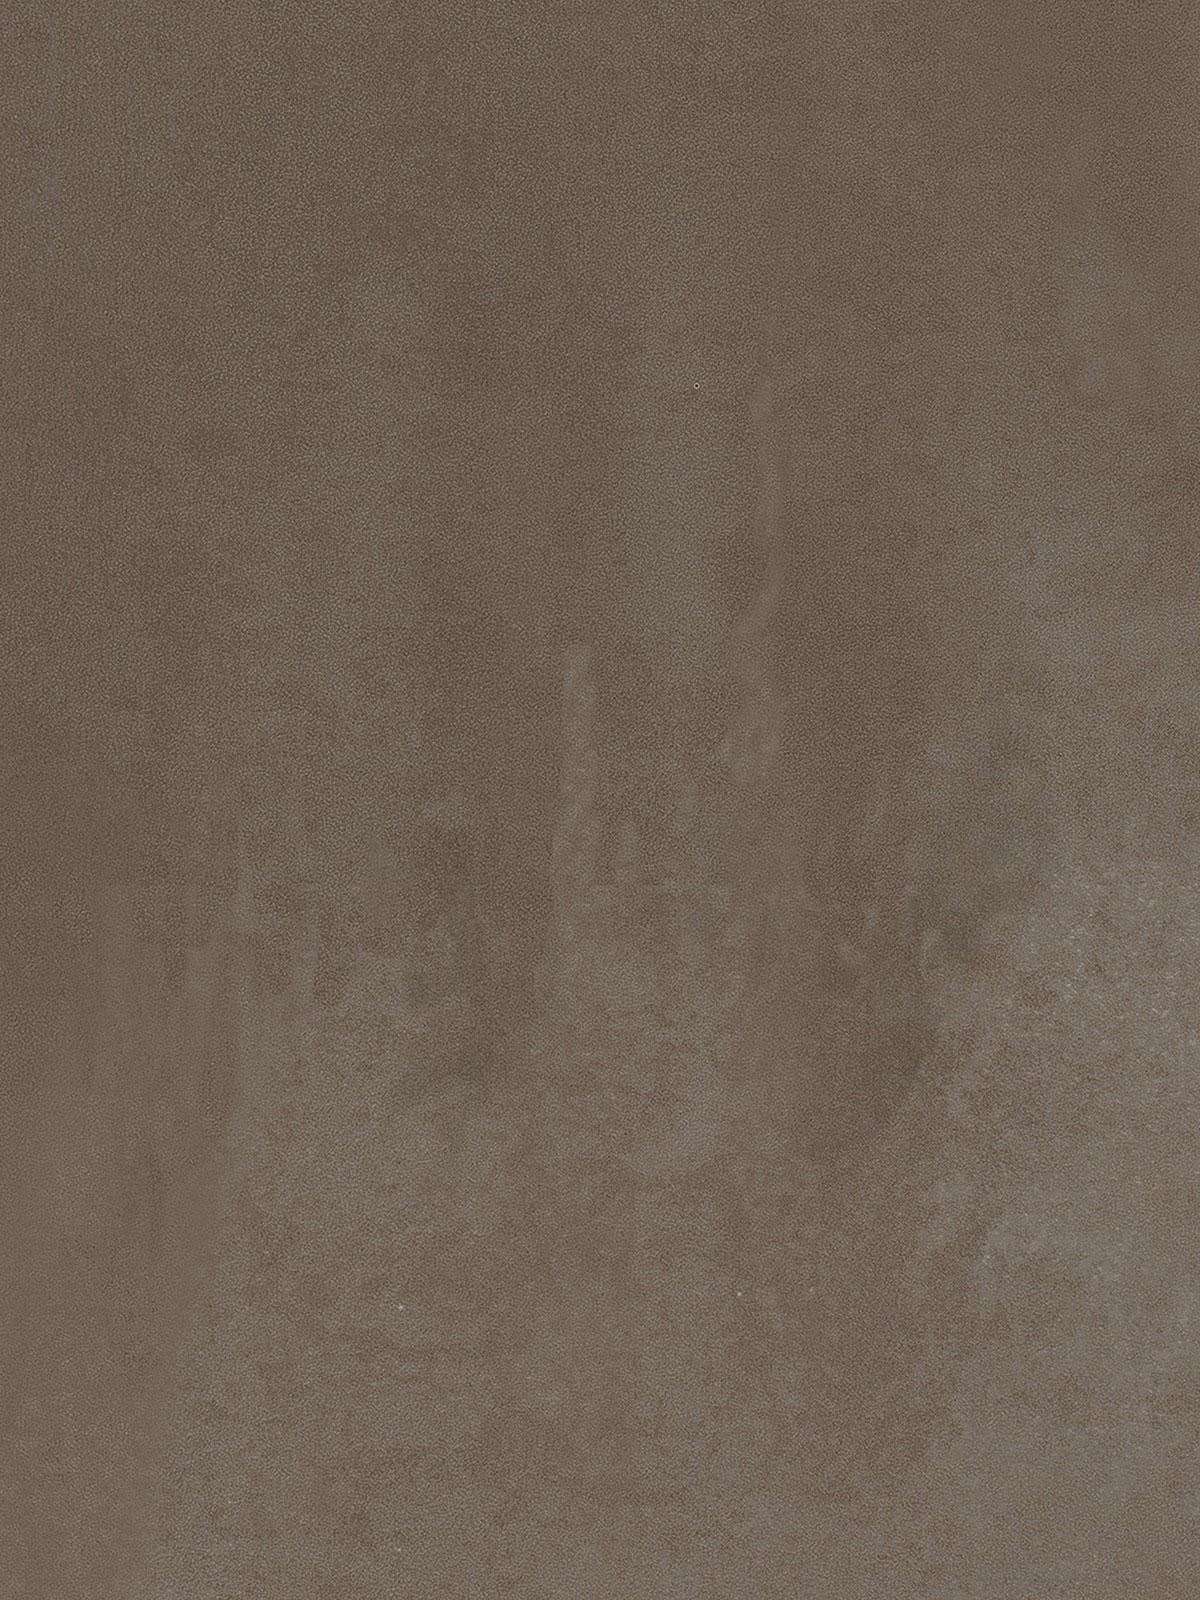 APLA Küchenarbeitsplatten GmbH 9444 Oxid Kupfer